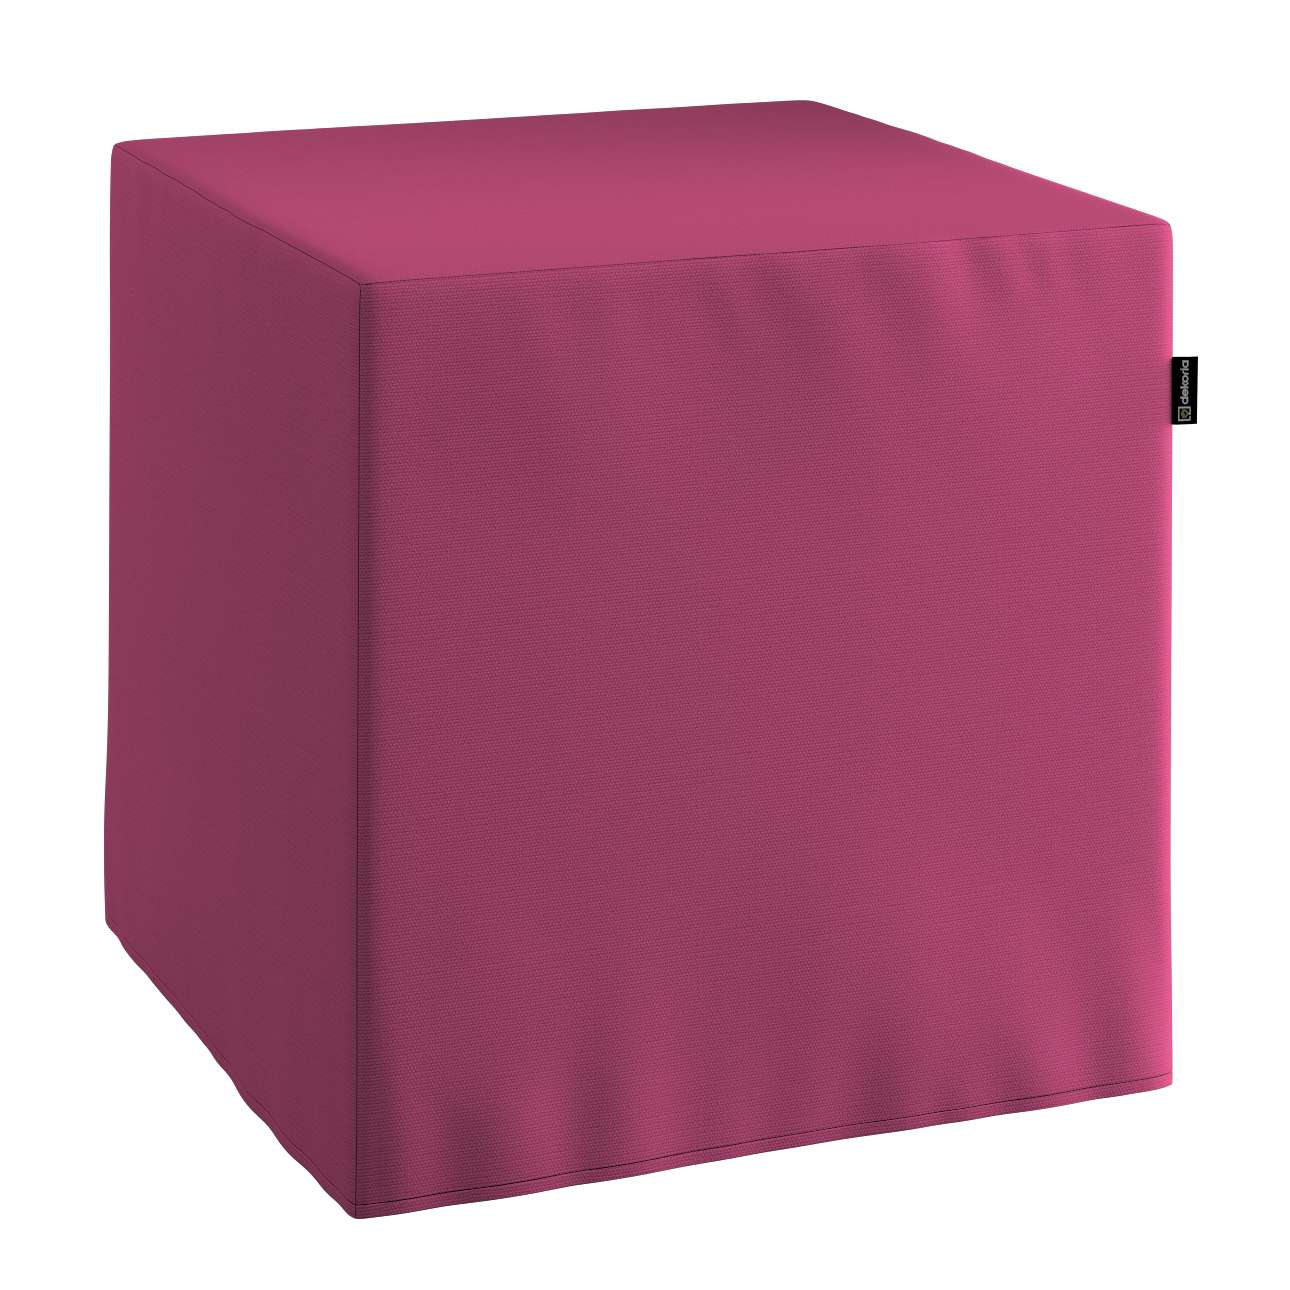 Bezug für Sitzwürfel Bezug für Sitzwürfel 40x40x40 cm von der Kollektion Cotton Panama, Stoff: 702-32